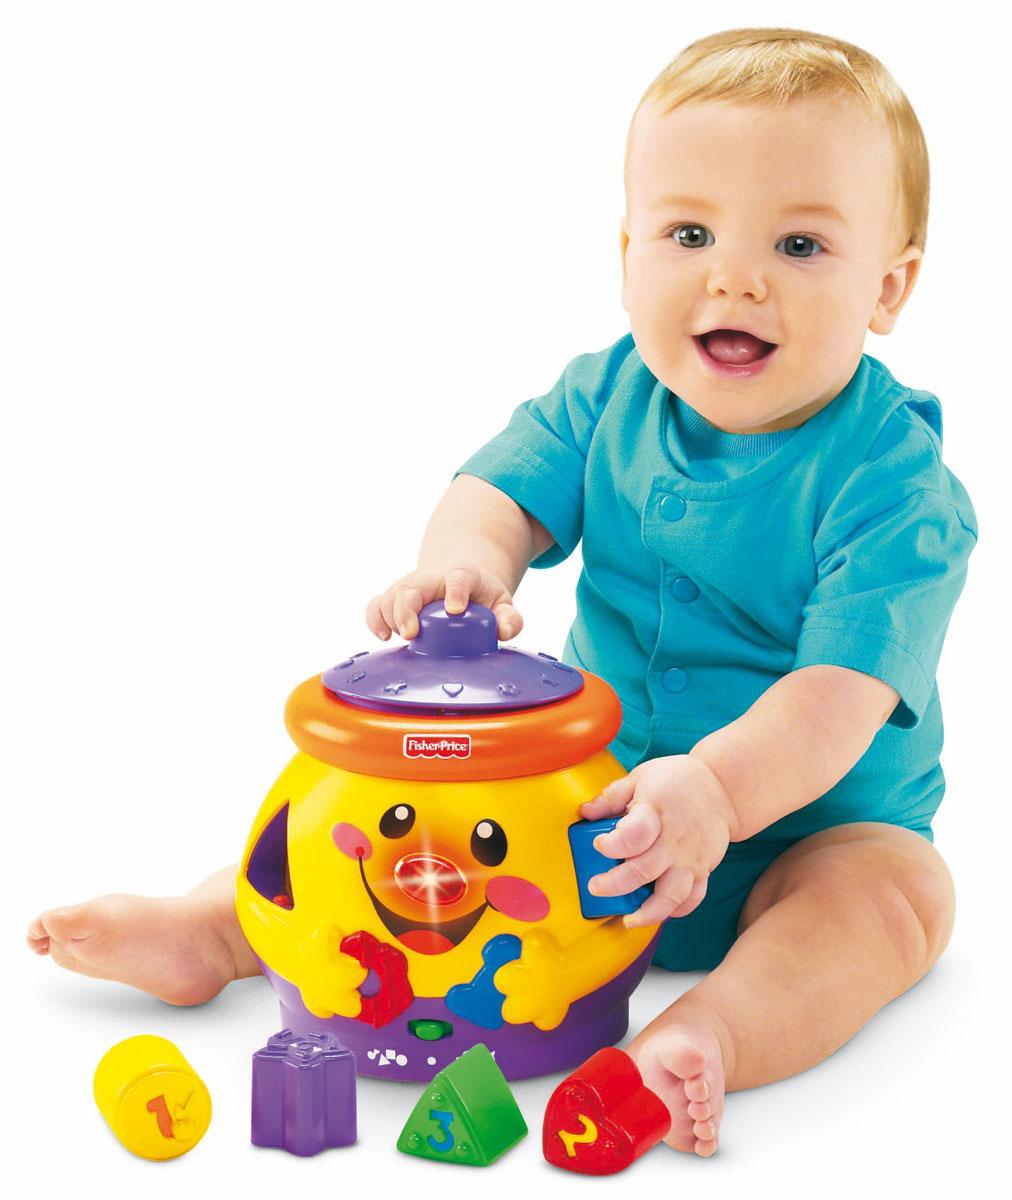 188Развивающие игрушки для ребенка 4 месяцев